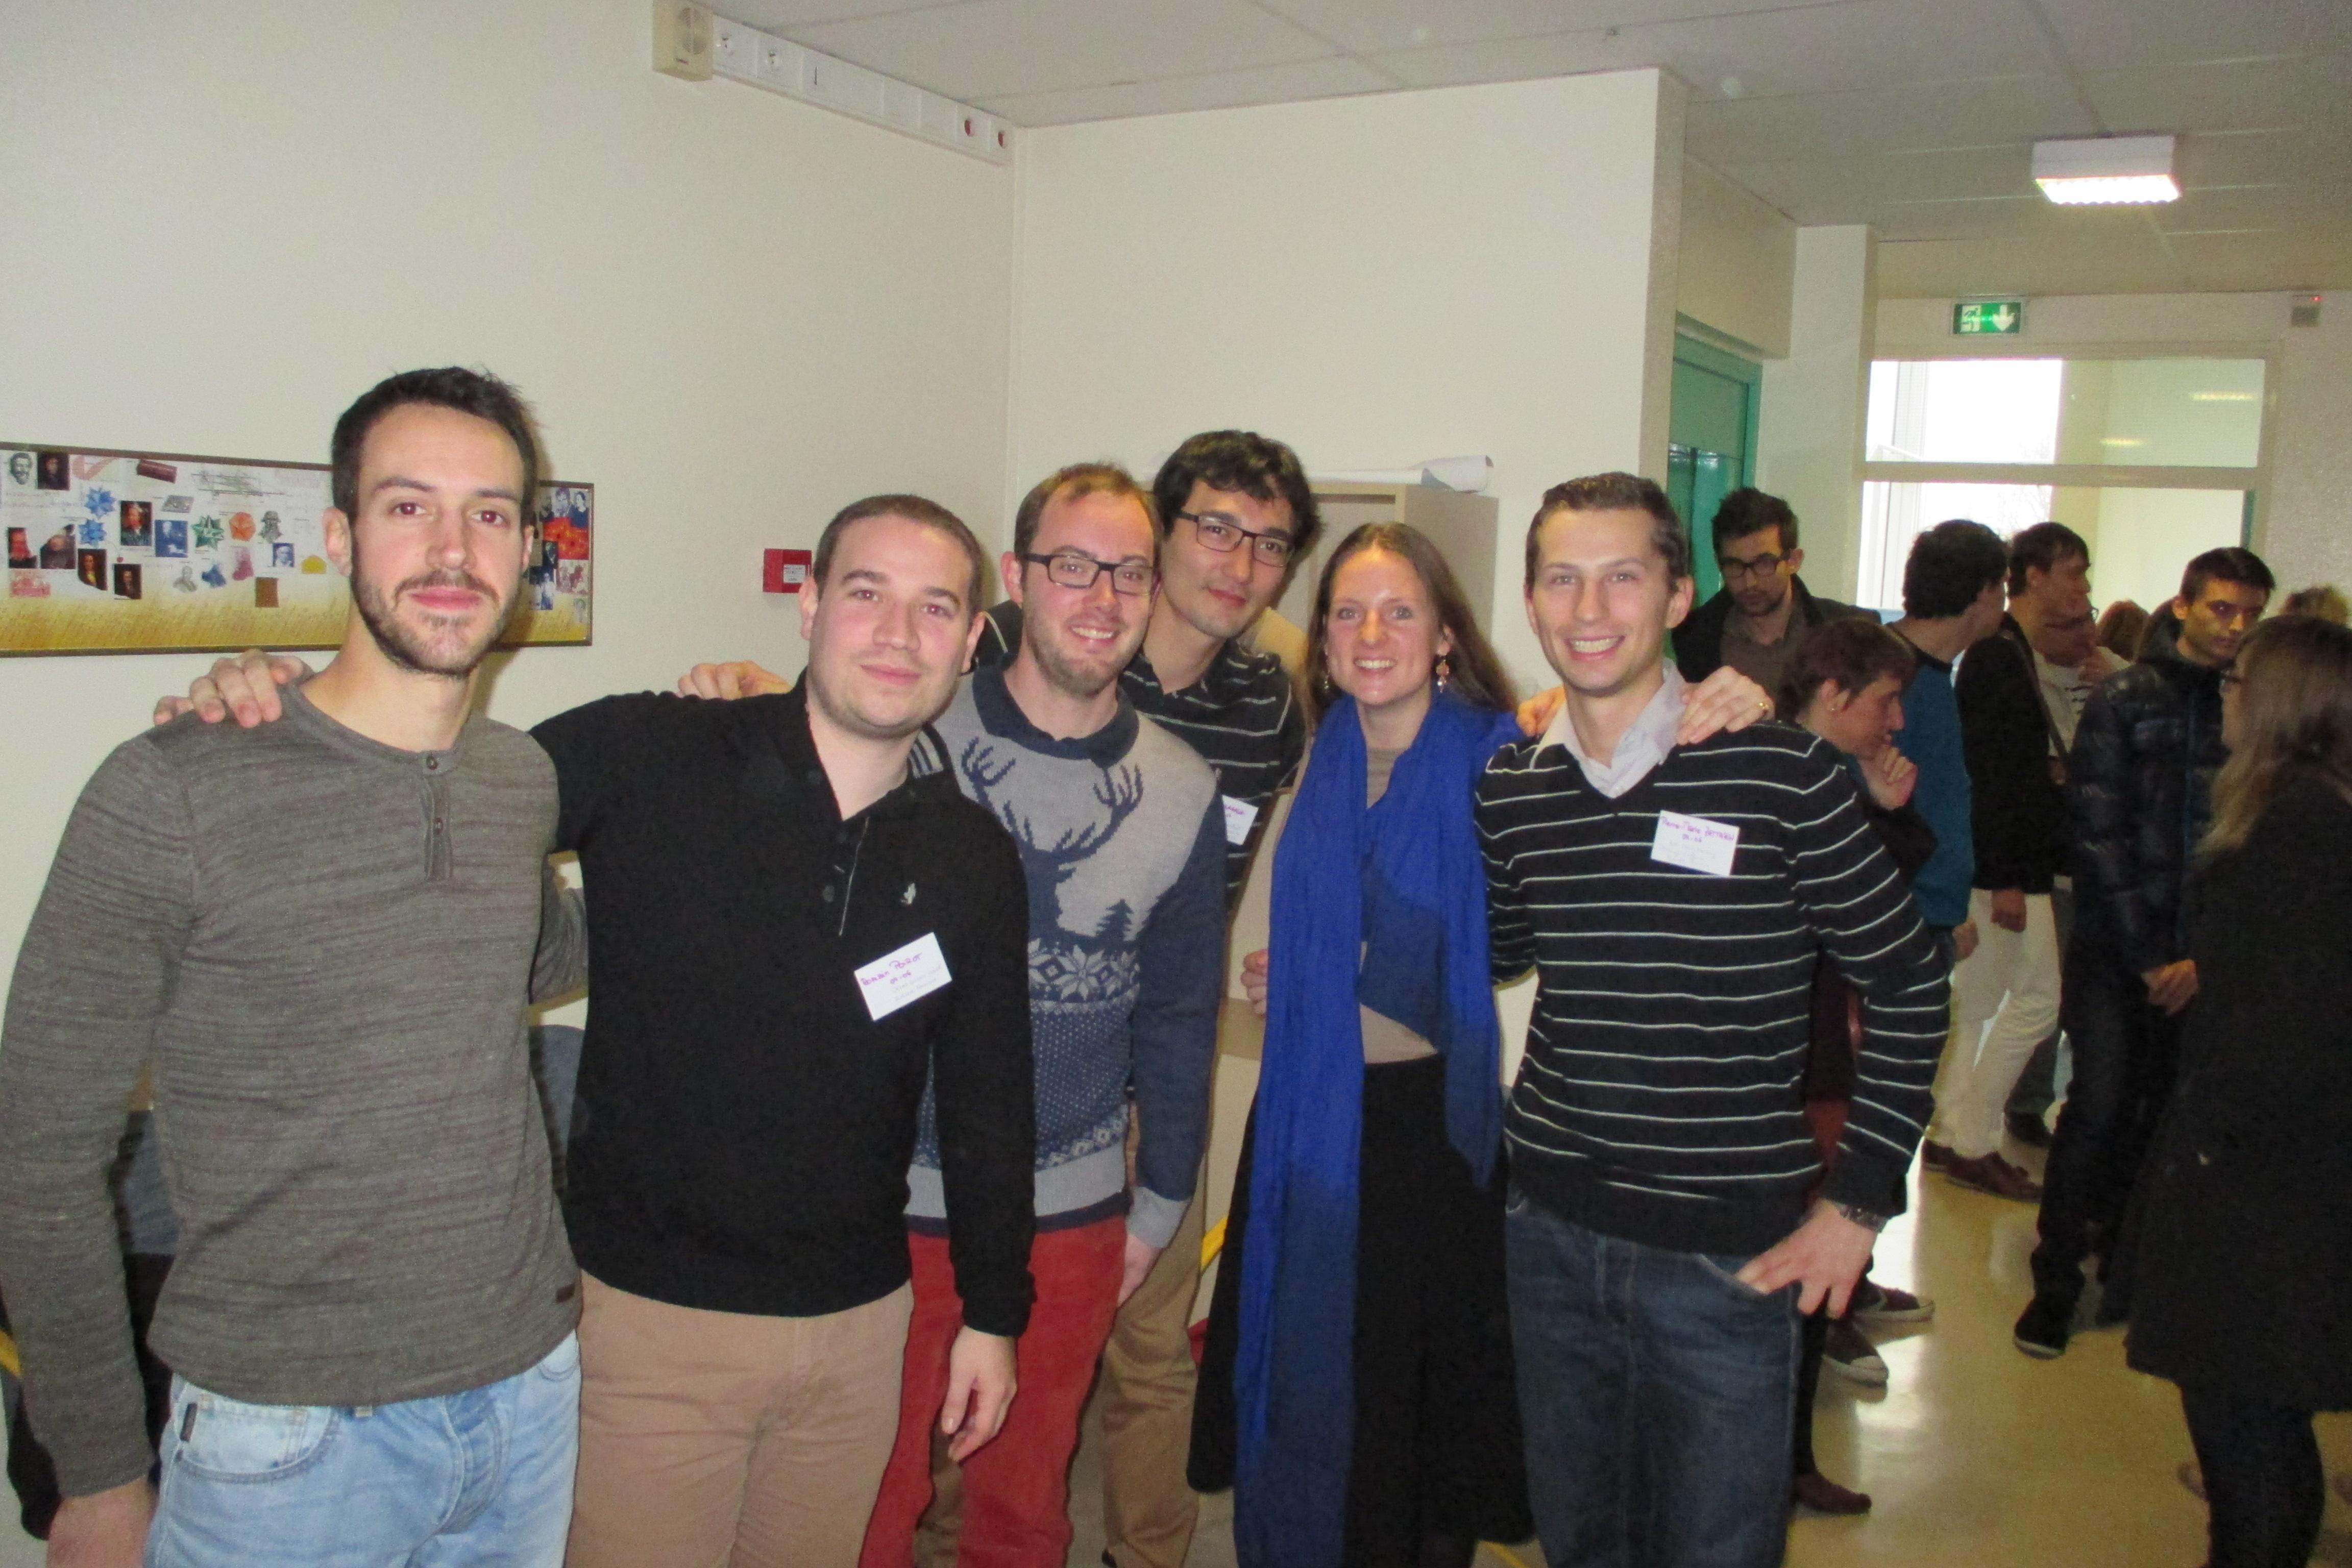 Rencontre des anciens élèves - CPGE Courbet Belfort